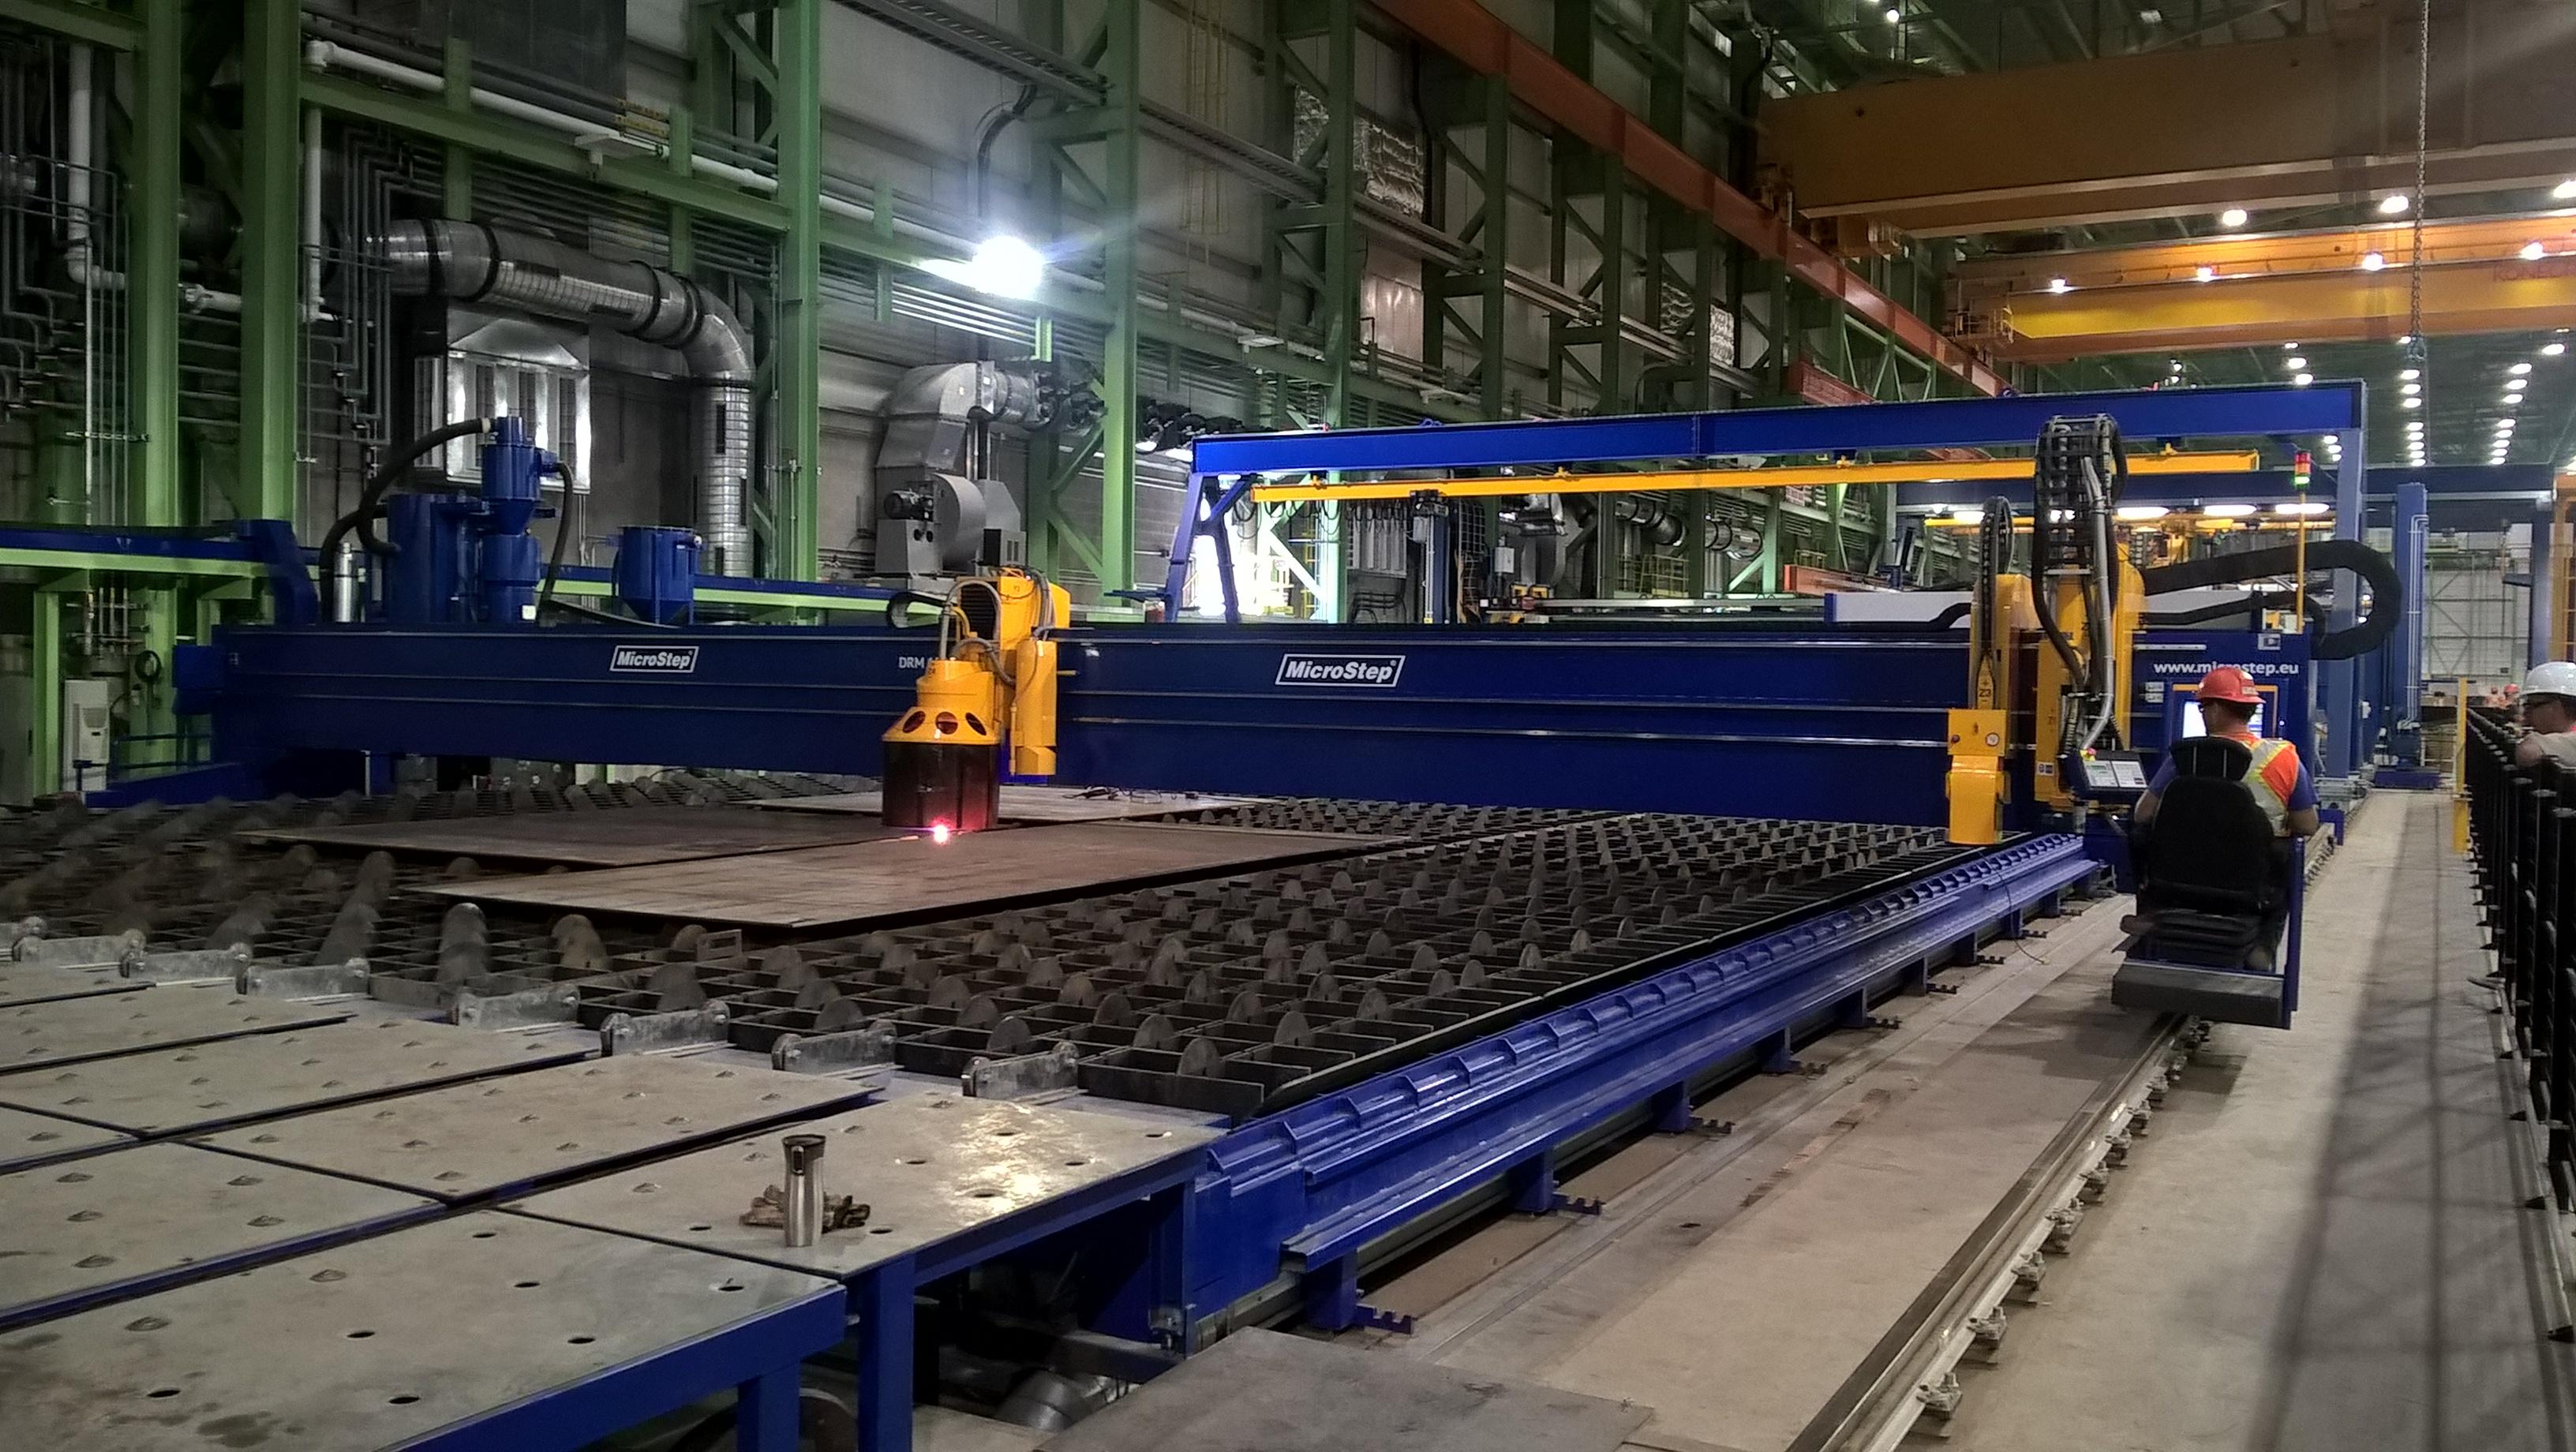 Rezac� stroj typu DRM s prac. ��rkou 13 m ako s��as� panelovej linky v kanadskej lodenici � �peci�lne rie�enie s pieskovacou hlavou.